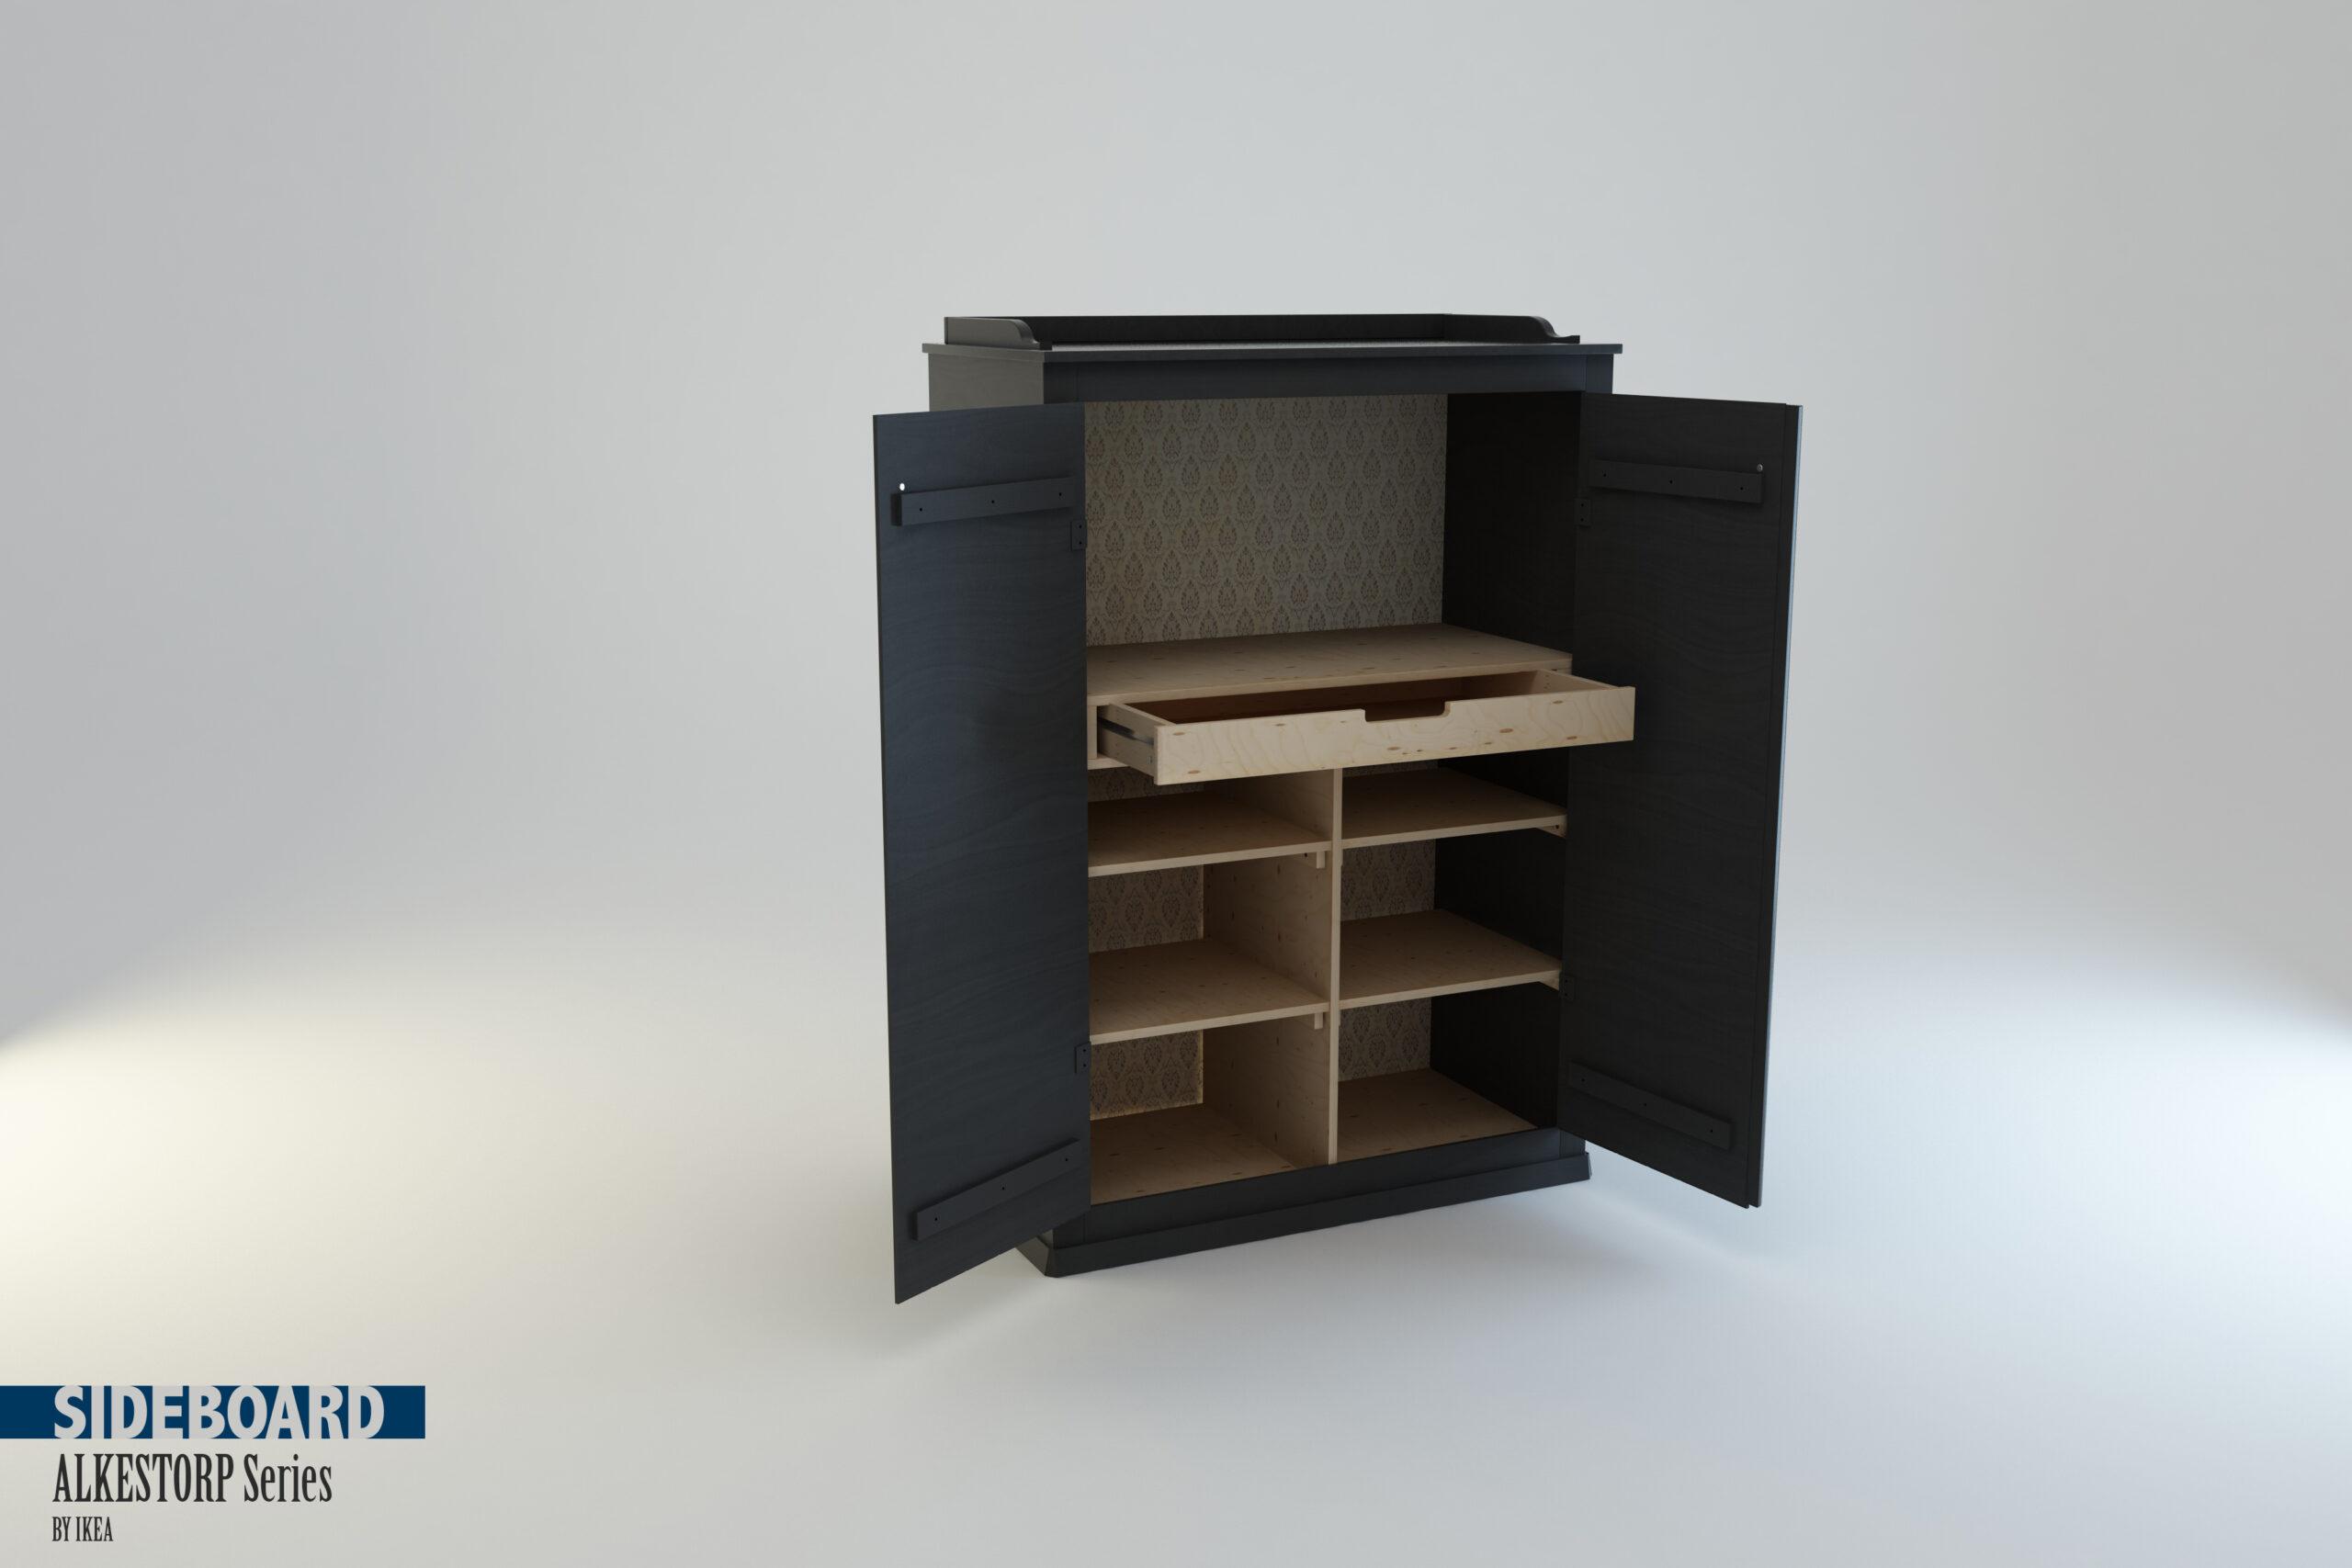 Full Size of Anrichte Ikea Betten 160x200 Küche Kosten Kaufen Bei Miniküche Sofa Mit Schlaffunktion Modulküche Wohnzimmer Anrichte Ikea